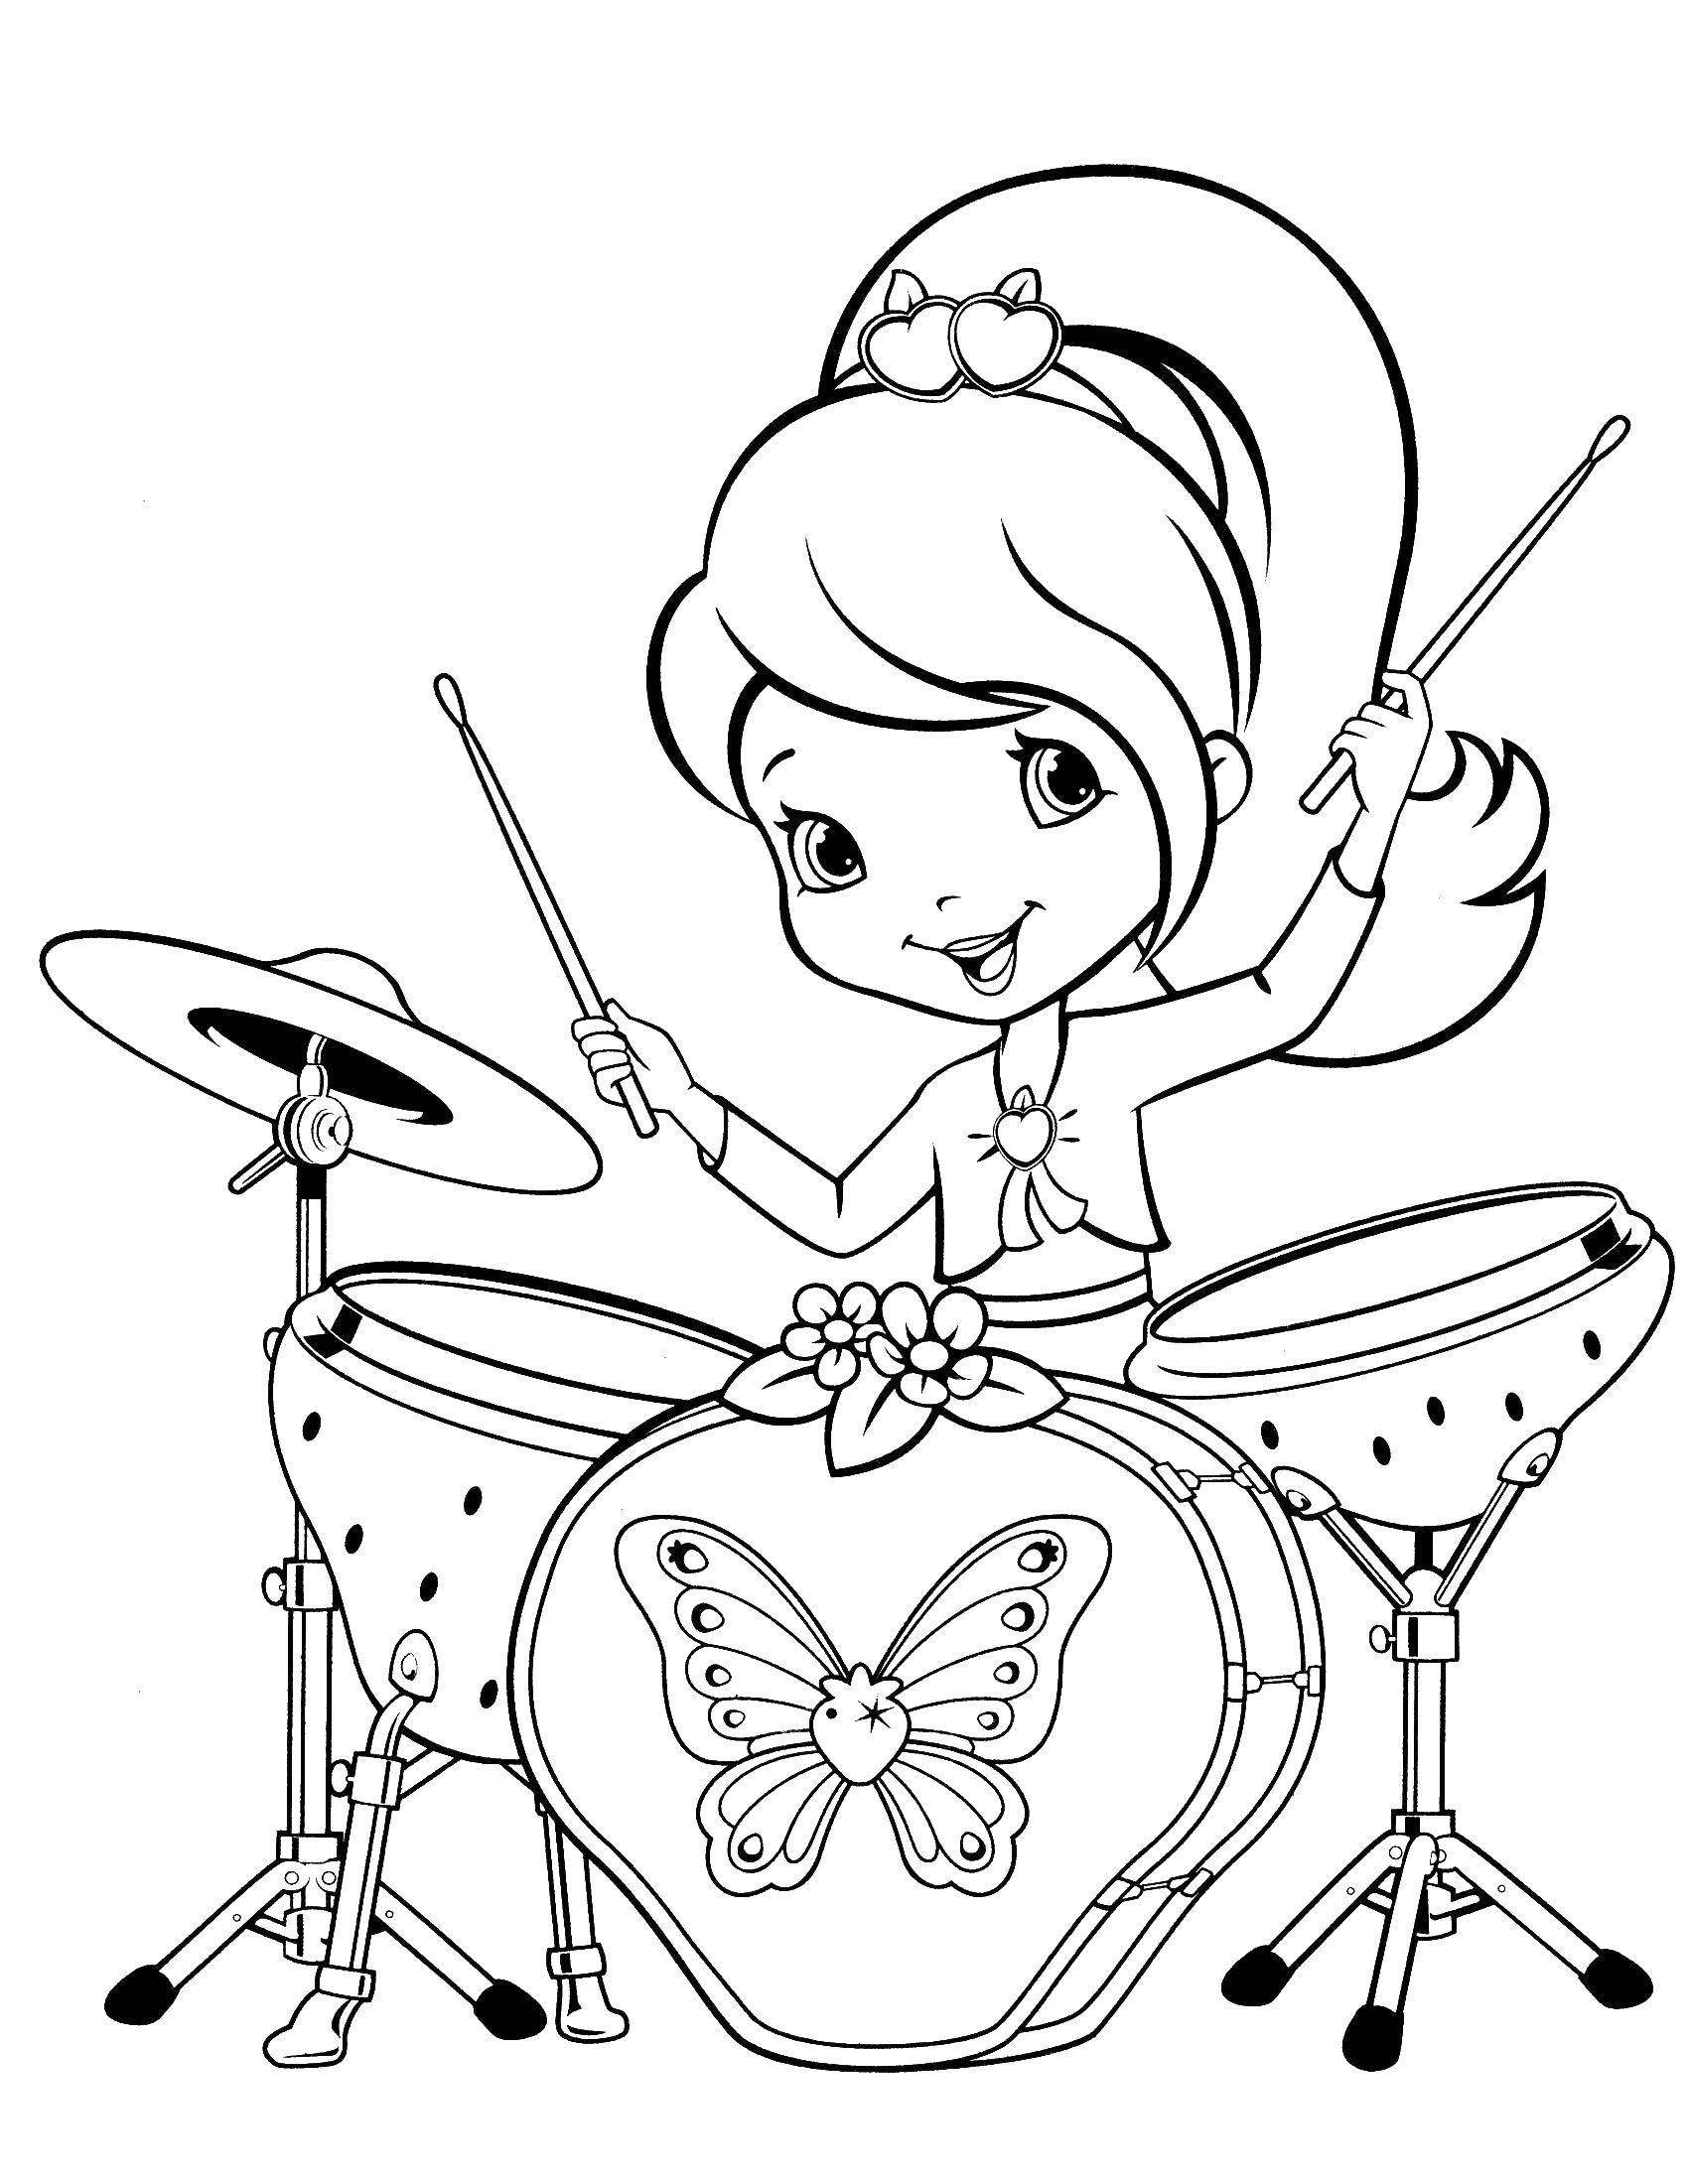 Раскраска Шарлотта земляничка играет на барабанах Скачать шарлотта, клубничка.  Распечатать ,шарлотта земляничка мультики,